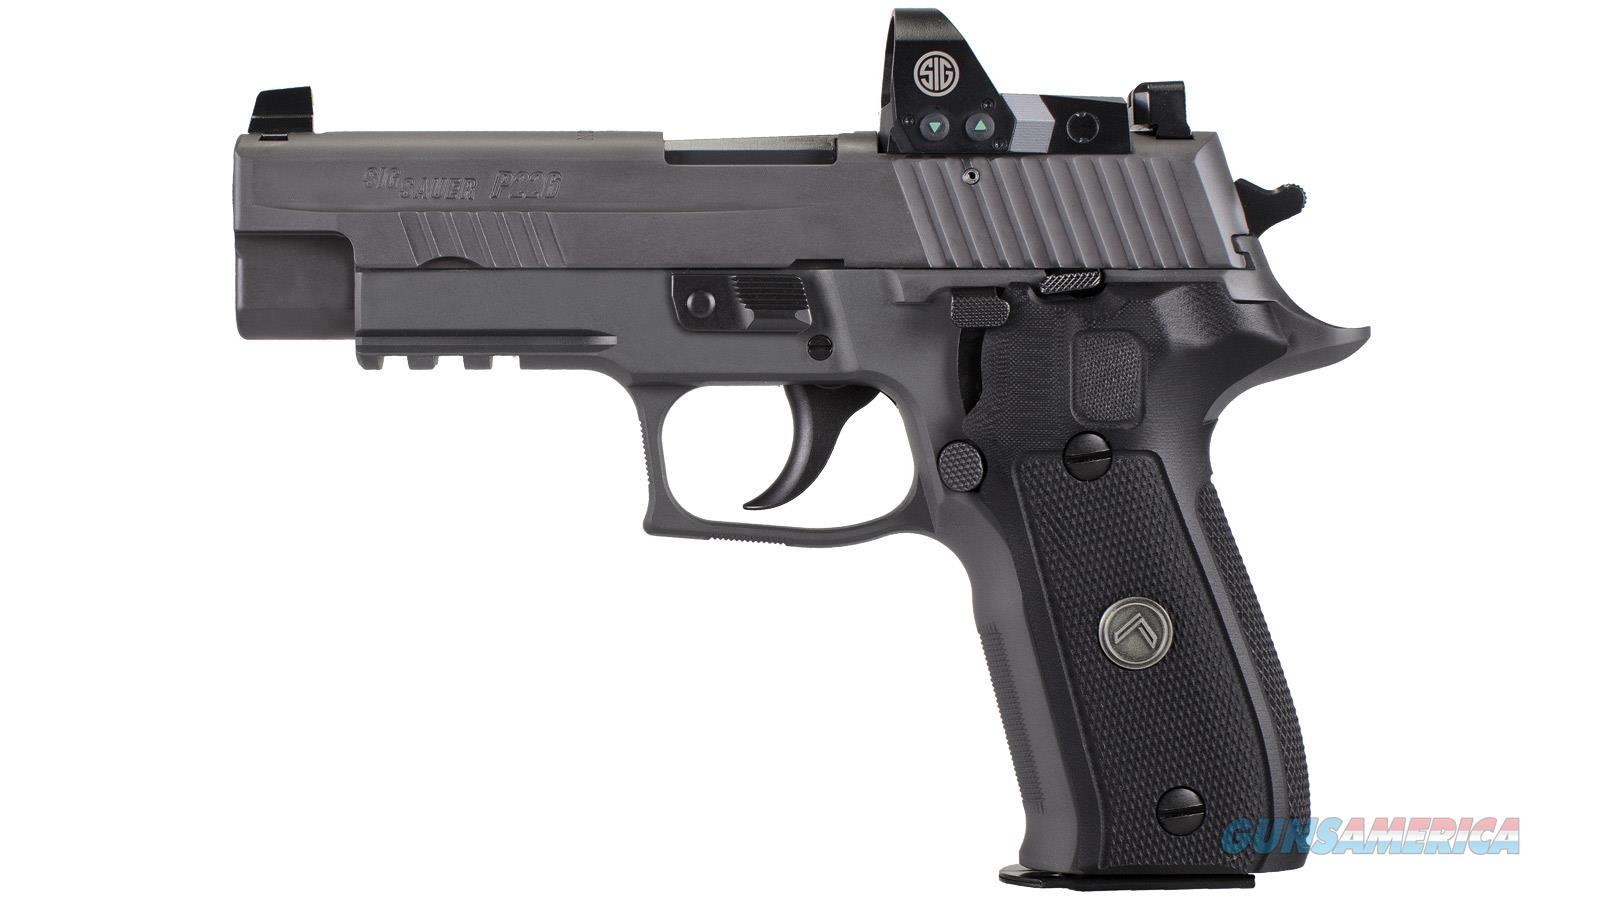 Sig Sauer P226 9Mm    Blk Ns       E26r9legionrx / E26R-9-LEGION-RX  Guns > Pistols > S Misc Pistols